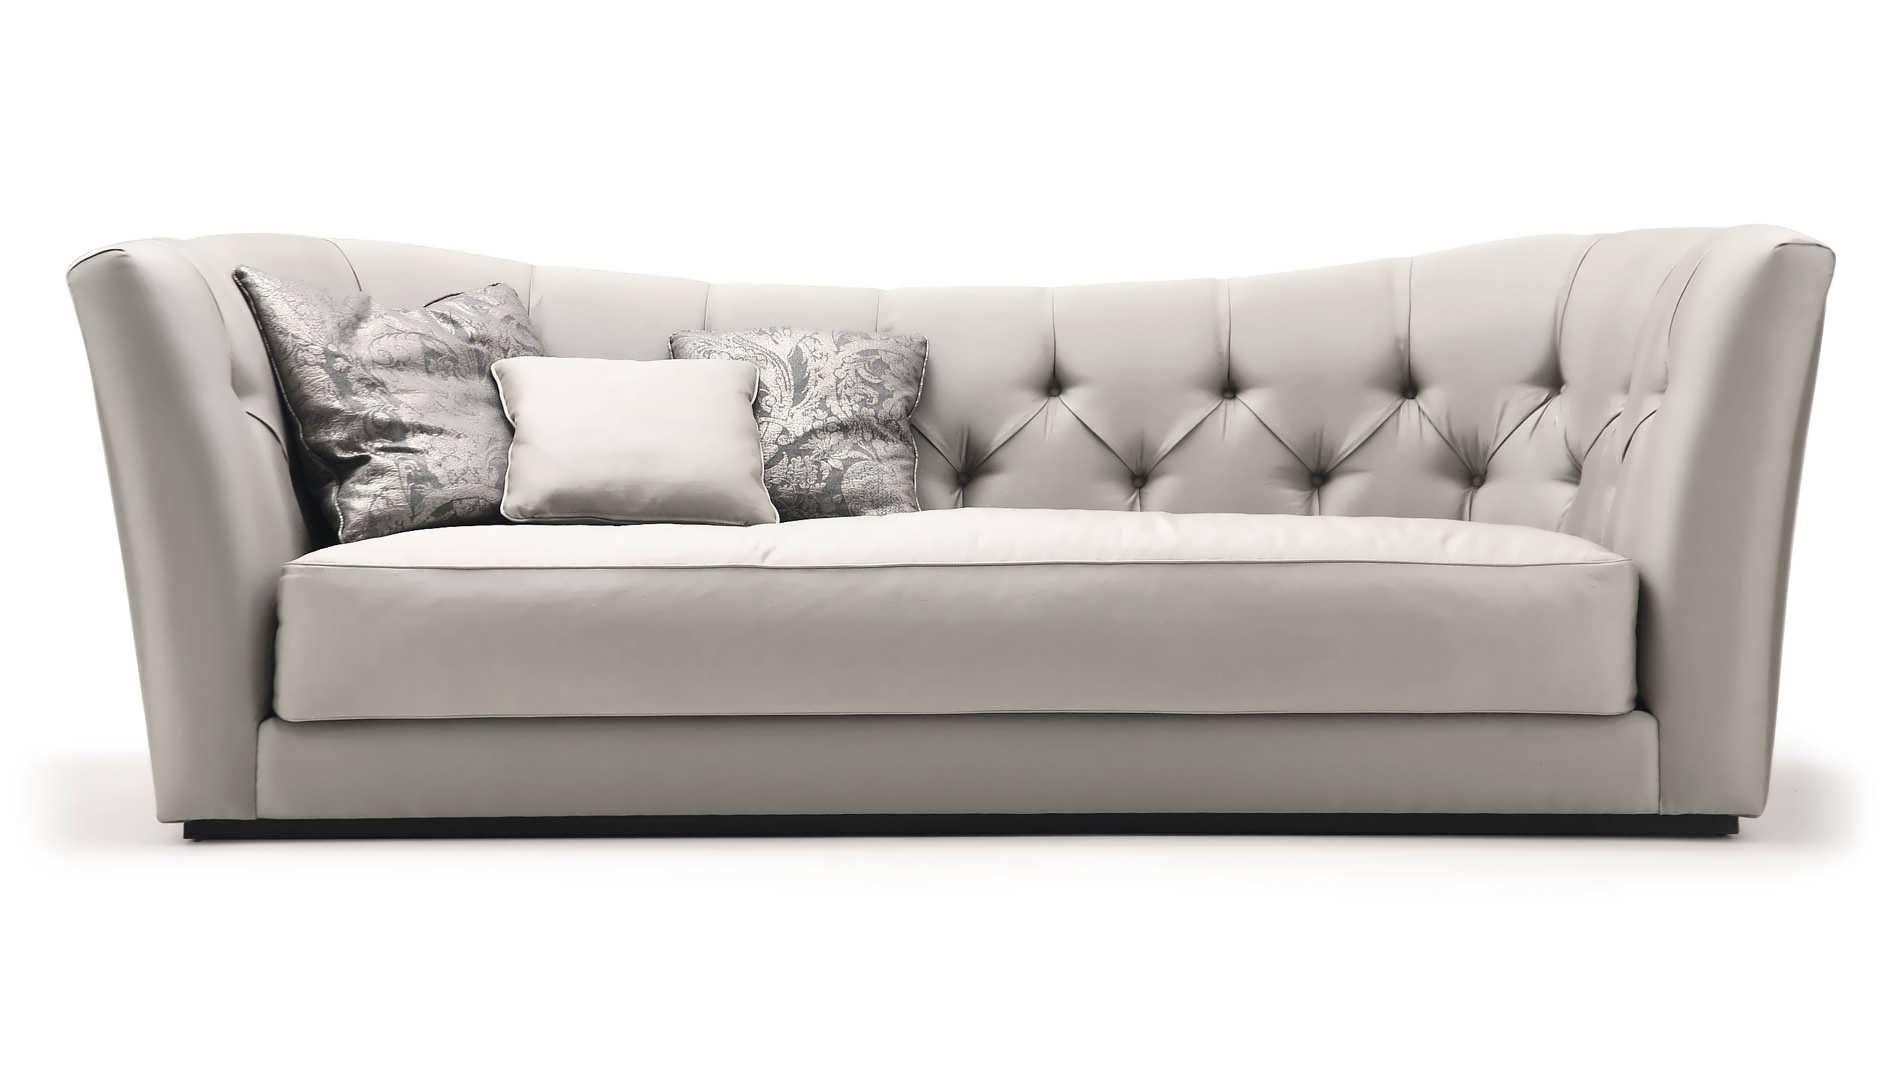 Fabelhafte Getuftet Sofa Sektionaltore Schreibtisch Luxury Sofa Contemporary Sofa Sofa Design